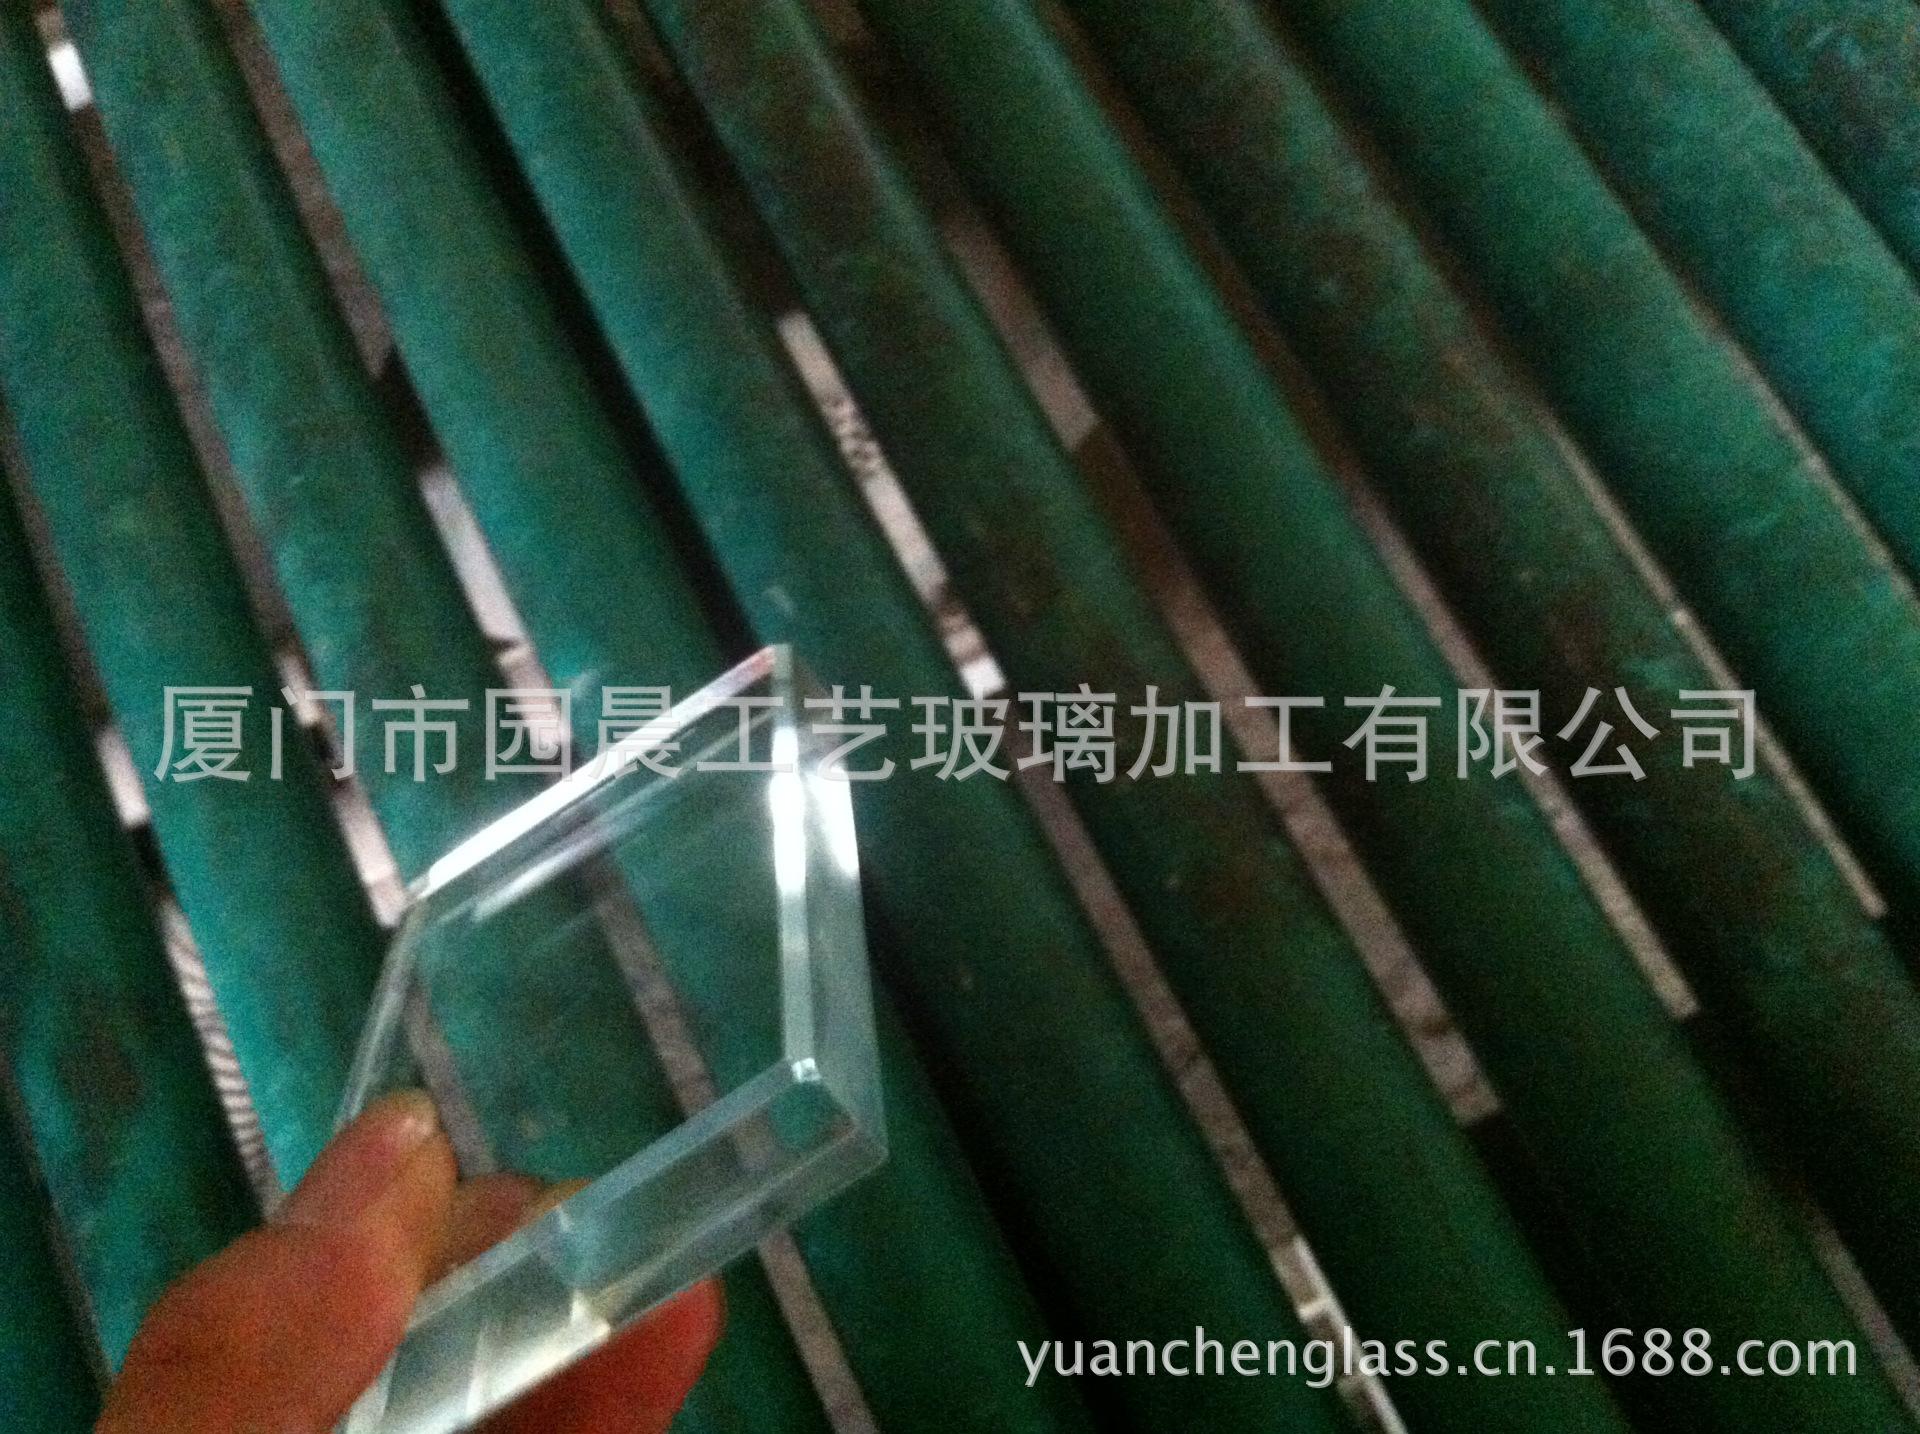 深加工工艺玻璃、工艺品玻璃、家具玻璃配件、卫浴玻璃、配